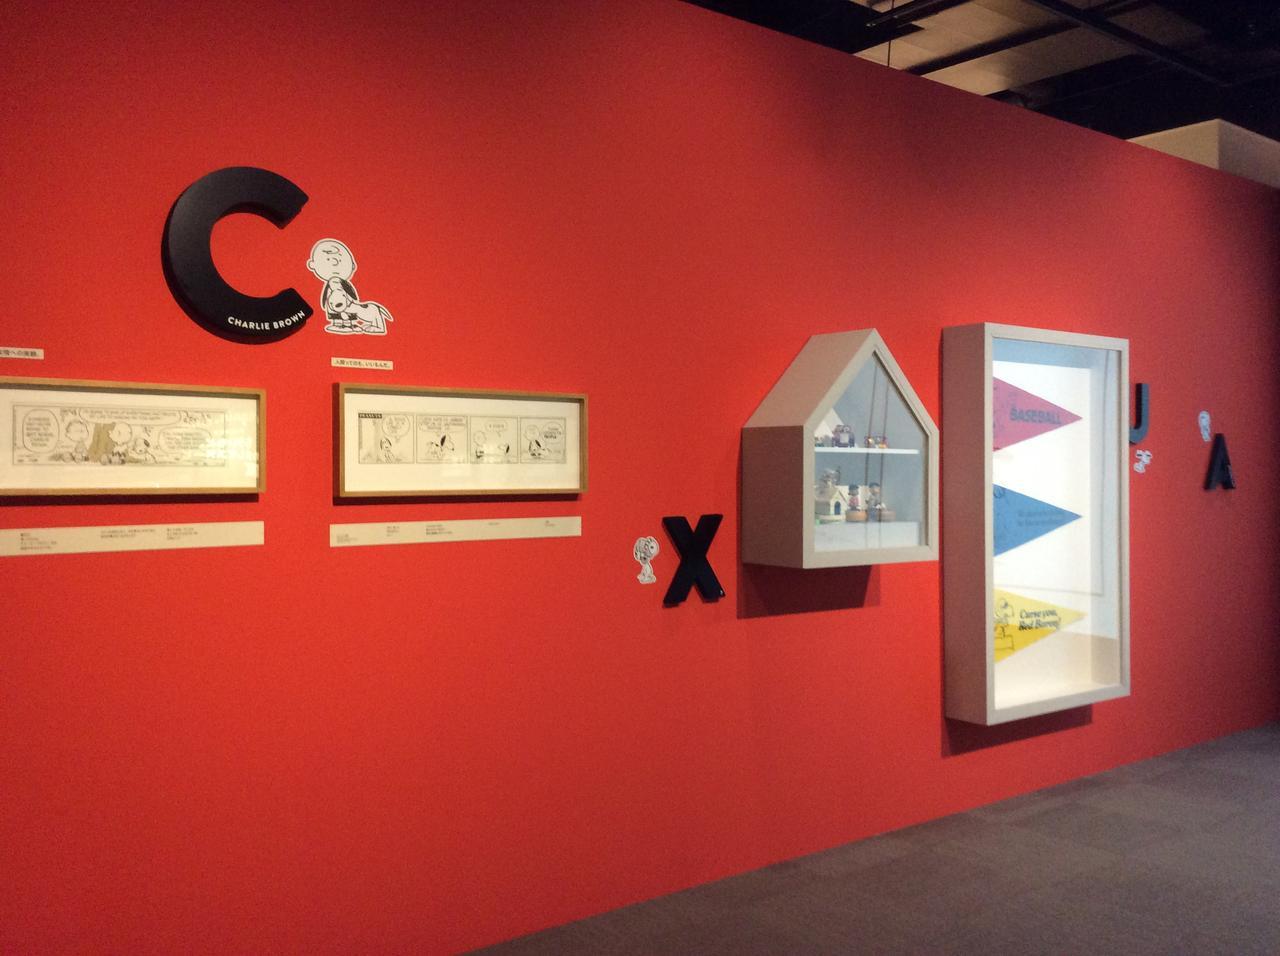 画像2: 「スヌーピーミュージアム展」展示風景 グランフロント大阪 北館 ナレッジキャピタル イベントラボ ©Peanuts Worldwide LLC photo©︎cinefil